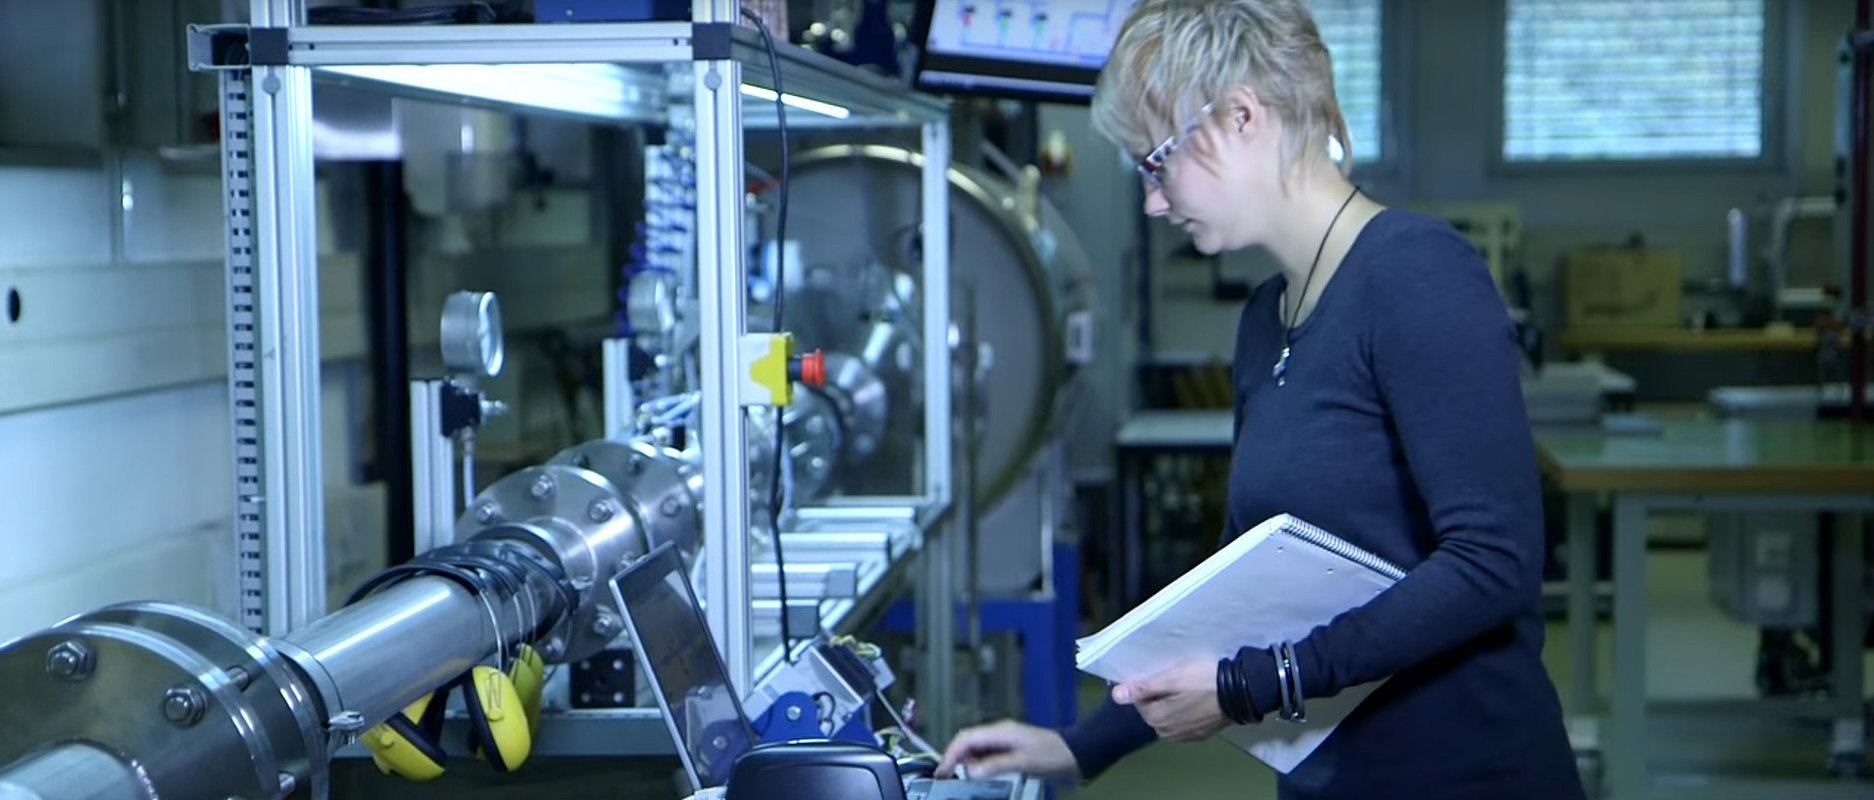 Bachelor Energie et techniques environnementales